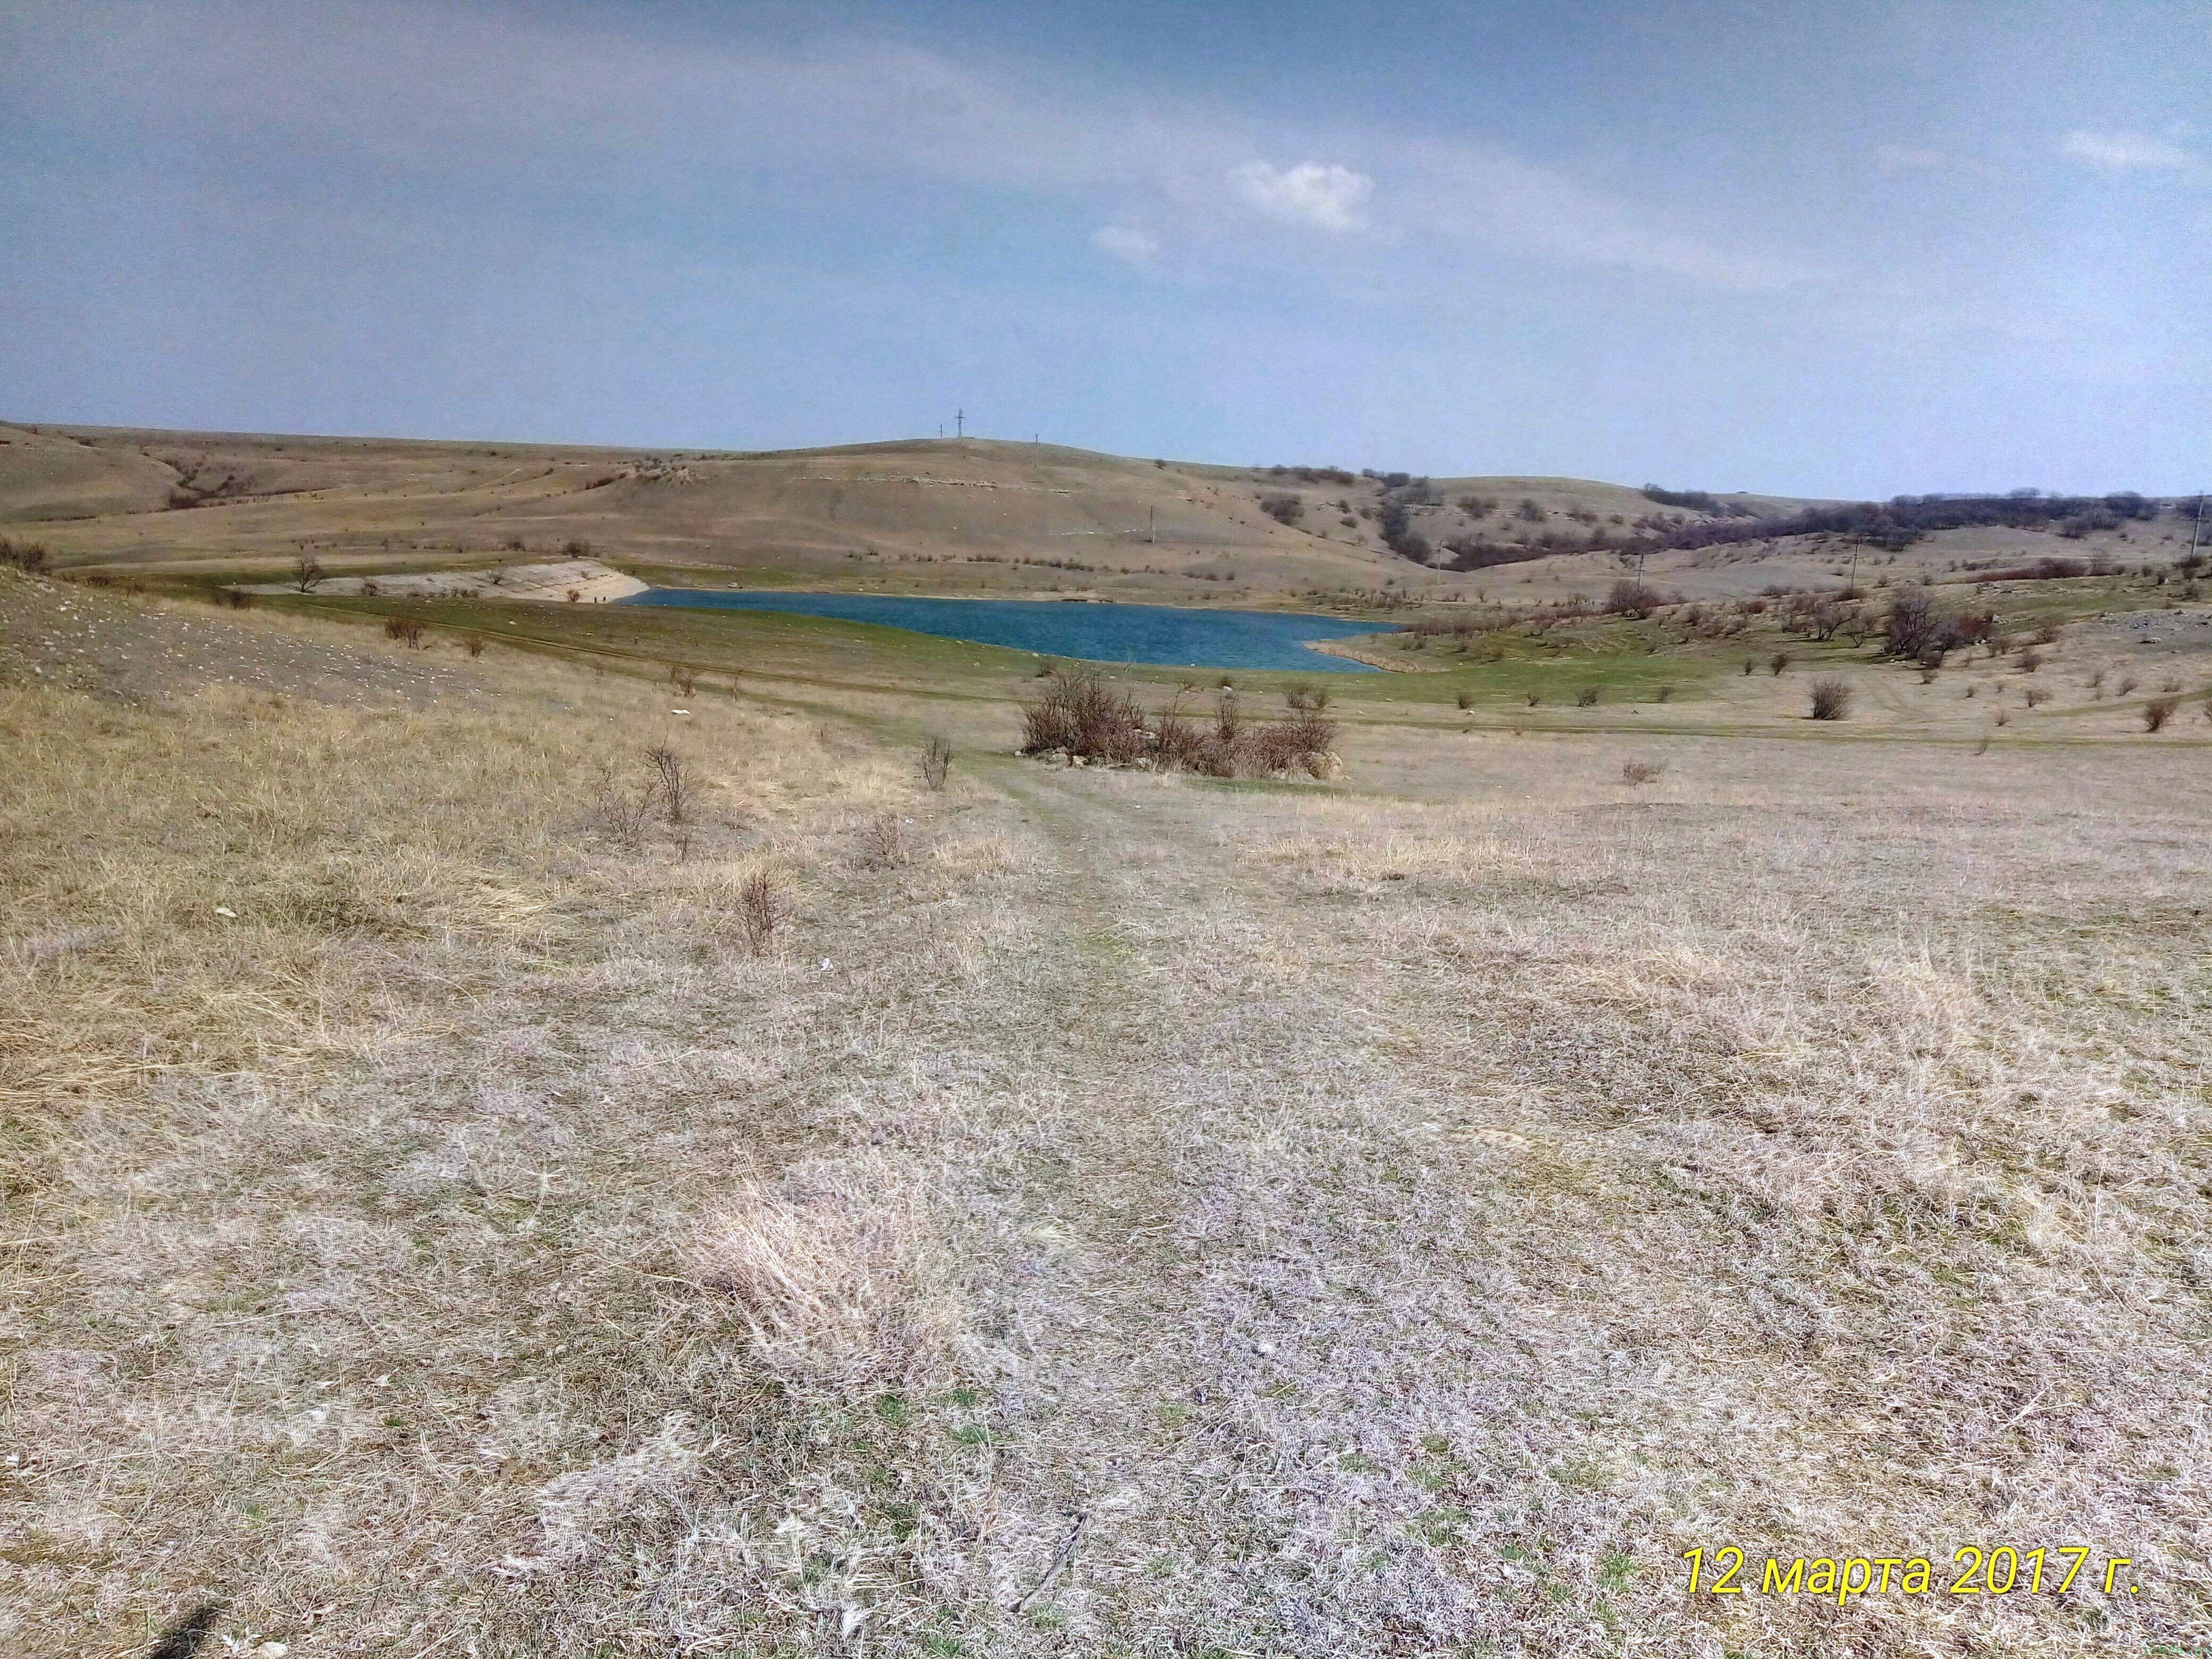 Поход выходного дня с удочкой к водоему вишенное фото заметка о моей реальности в Крыму